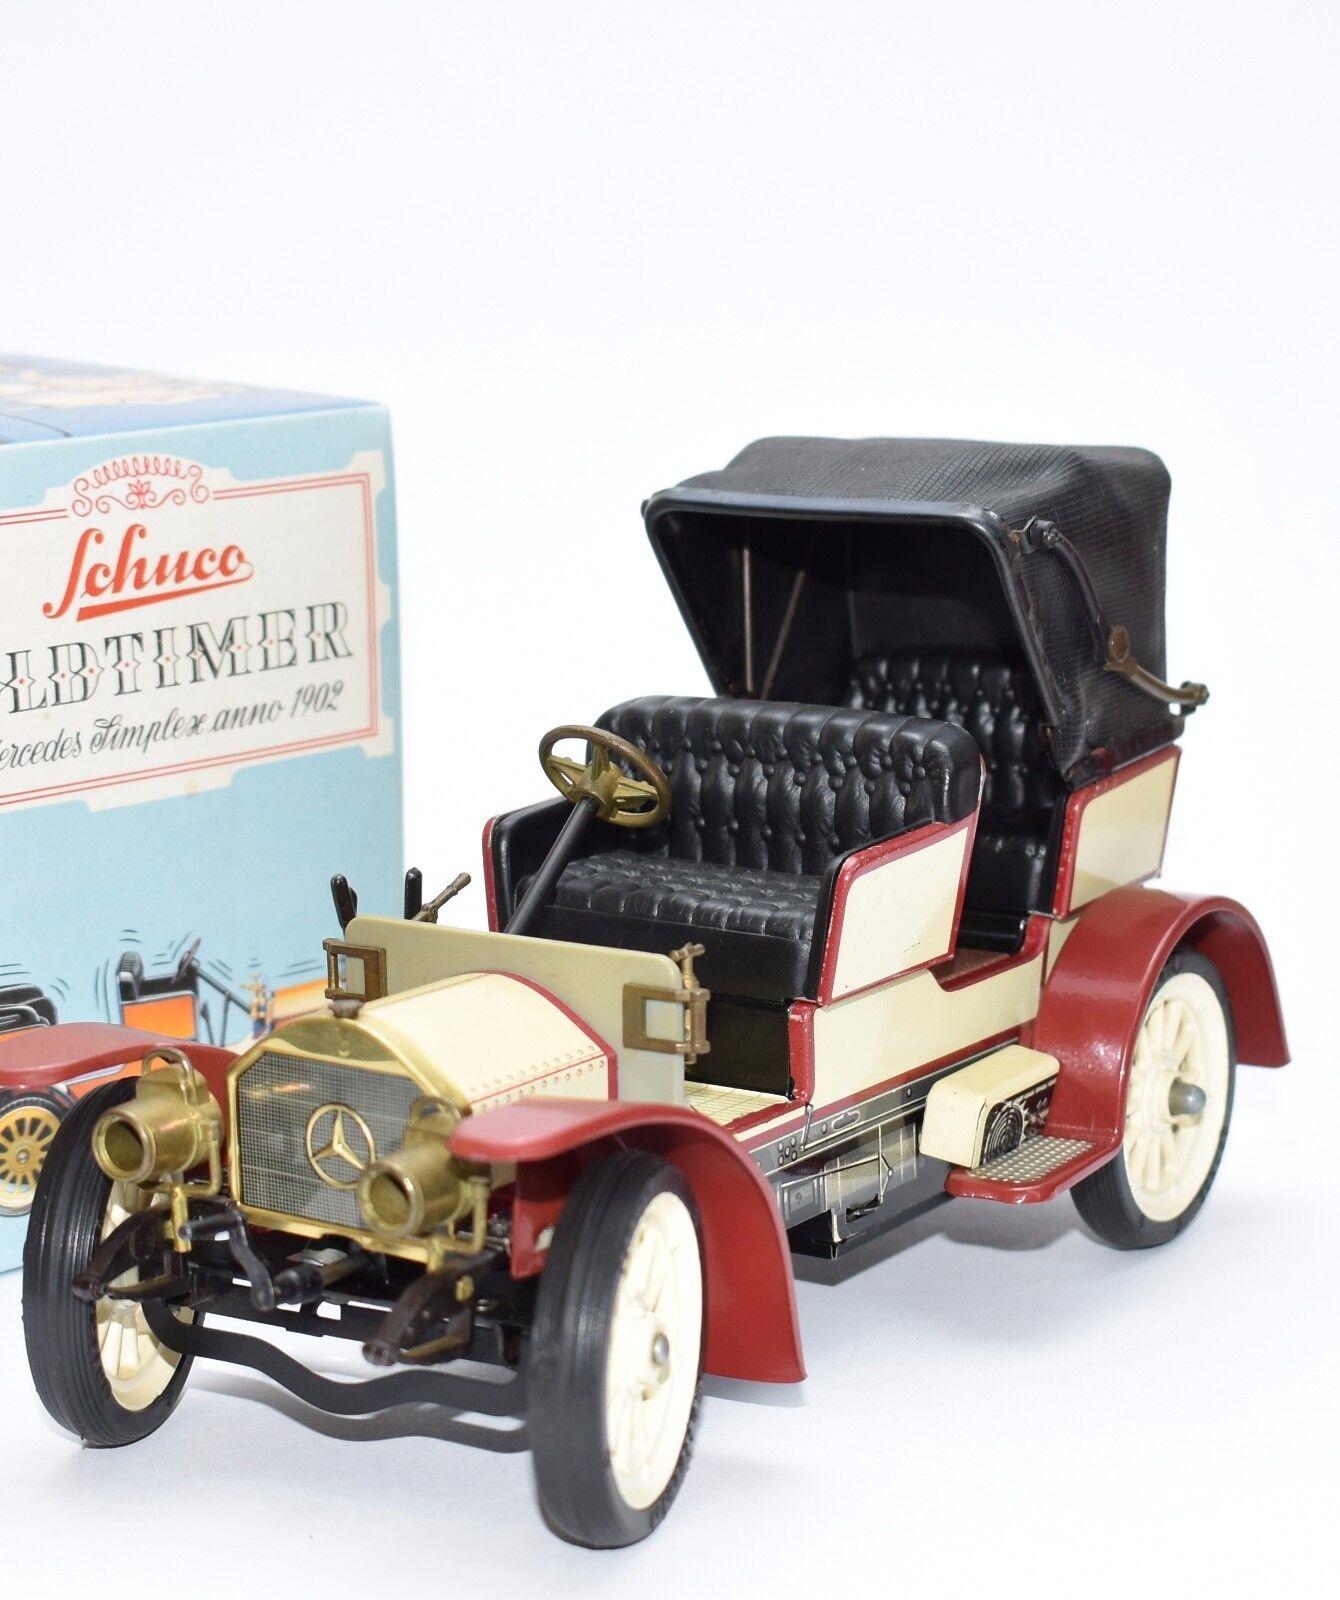 sconto Schuco 1239 RAR stata limitata replica attualmente attualmente attualmente LAMIERA MERCEDES BENZ simplexe 1902, OVP, b309  gli ultimi modelli